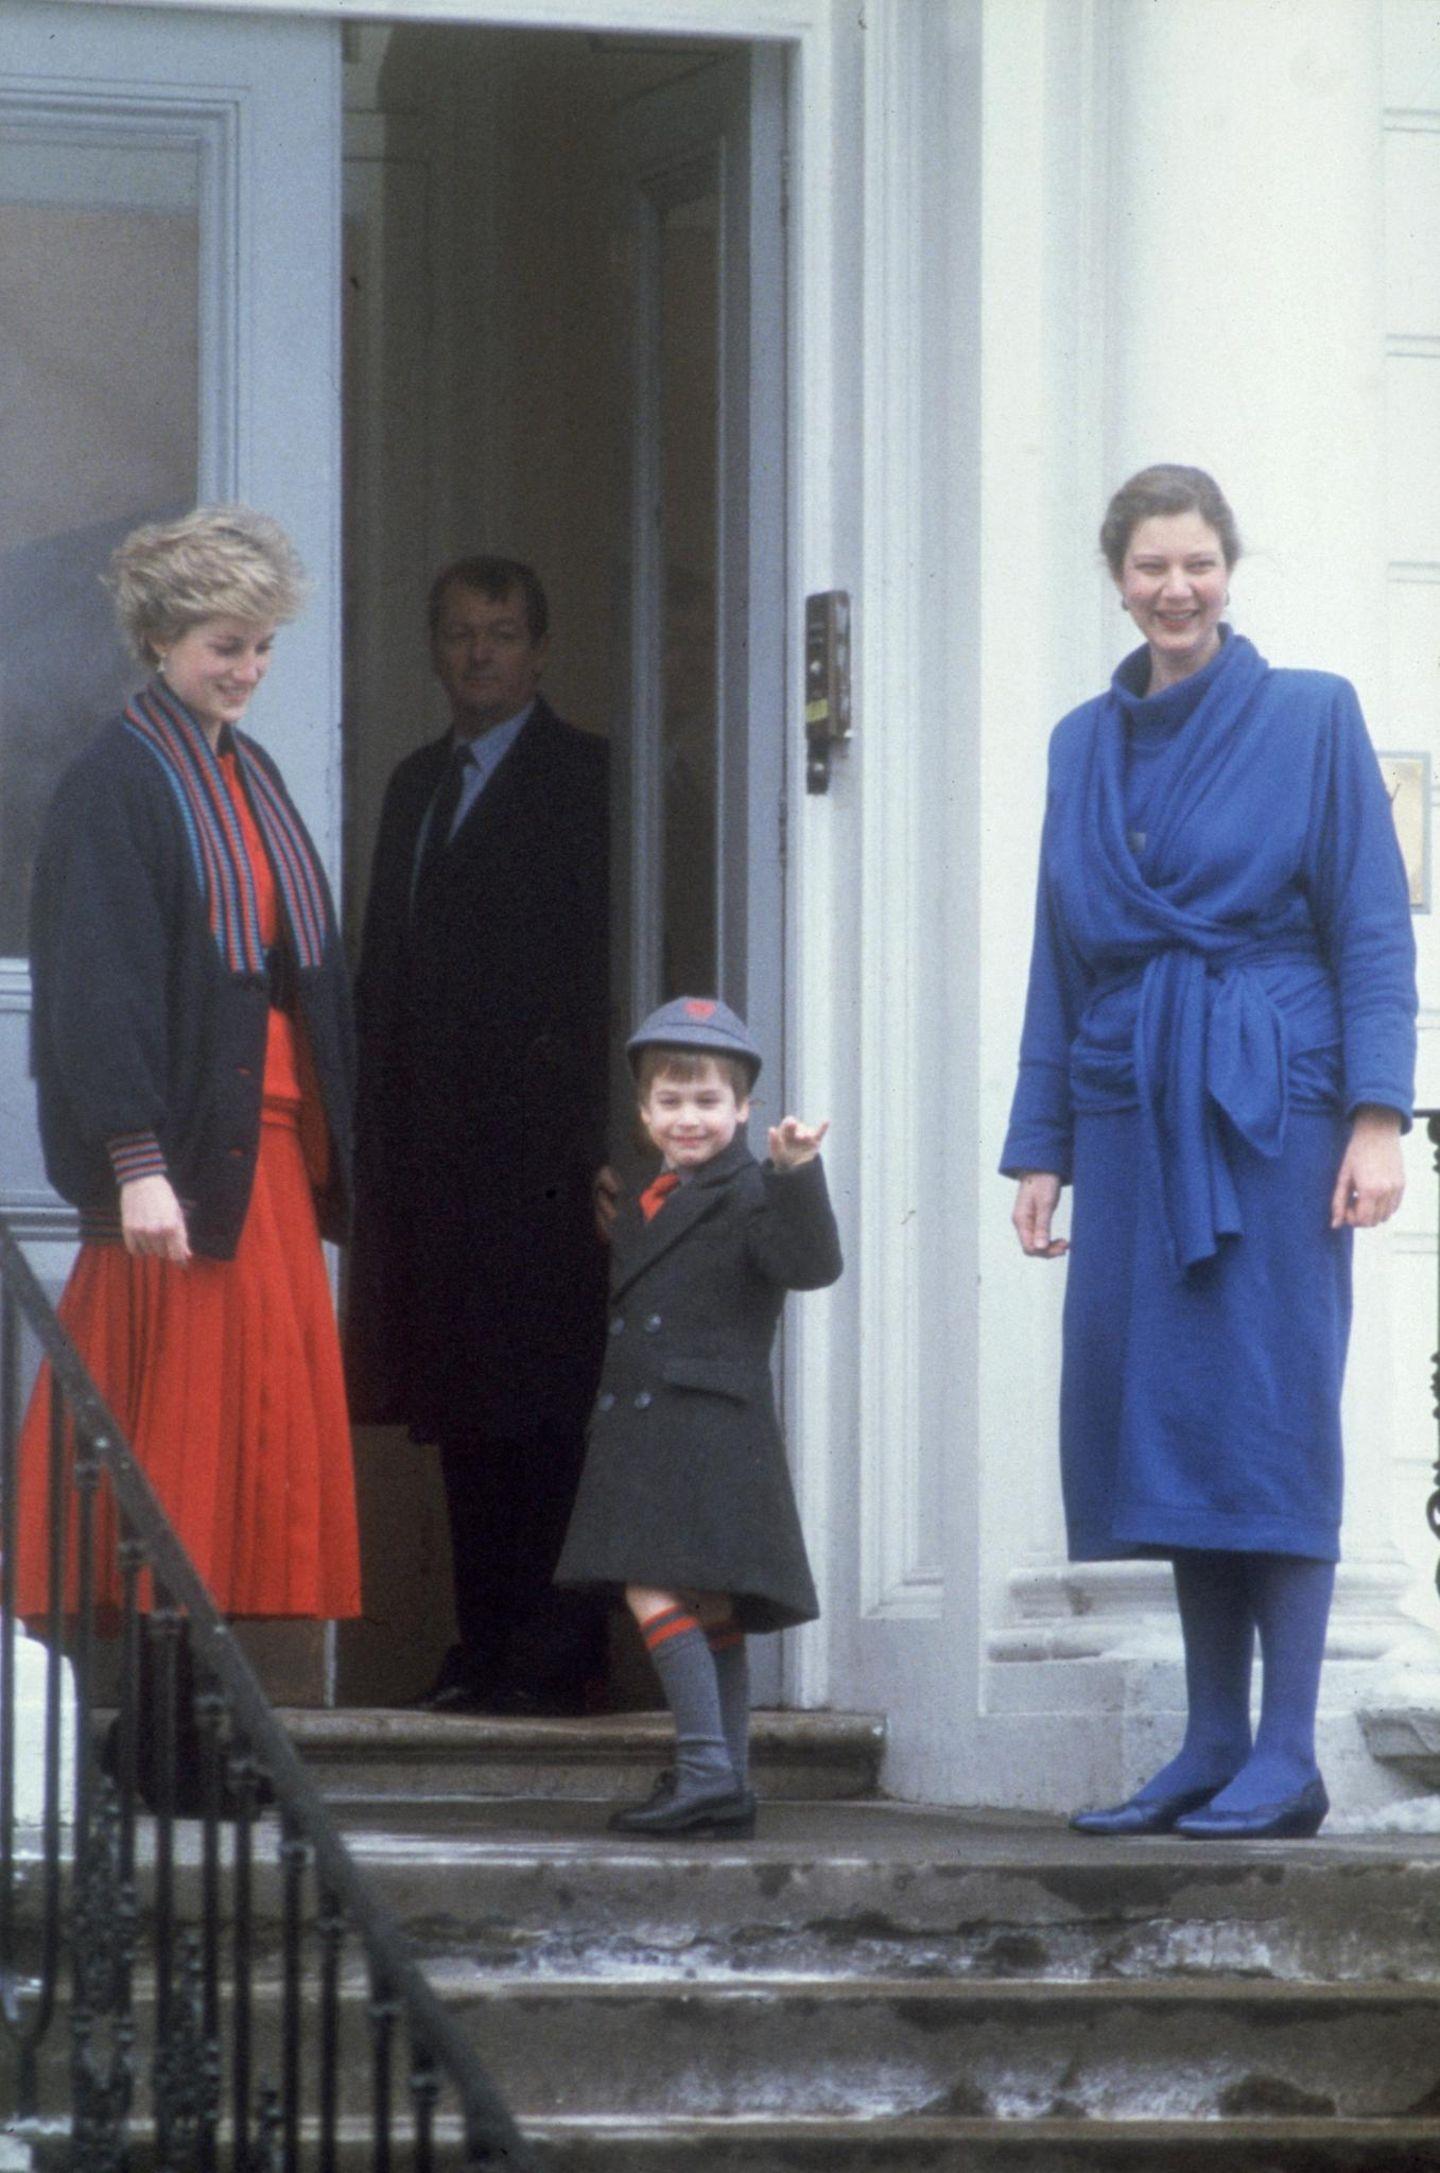 Royals Erster Schultag: Prinz William auf der Treppe vor seiner Schule